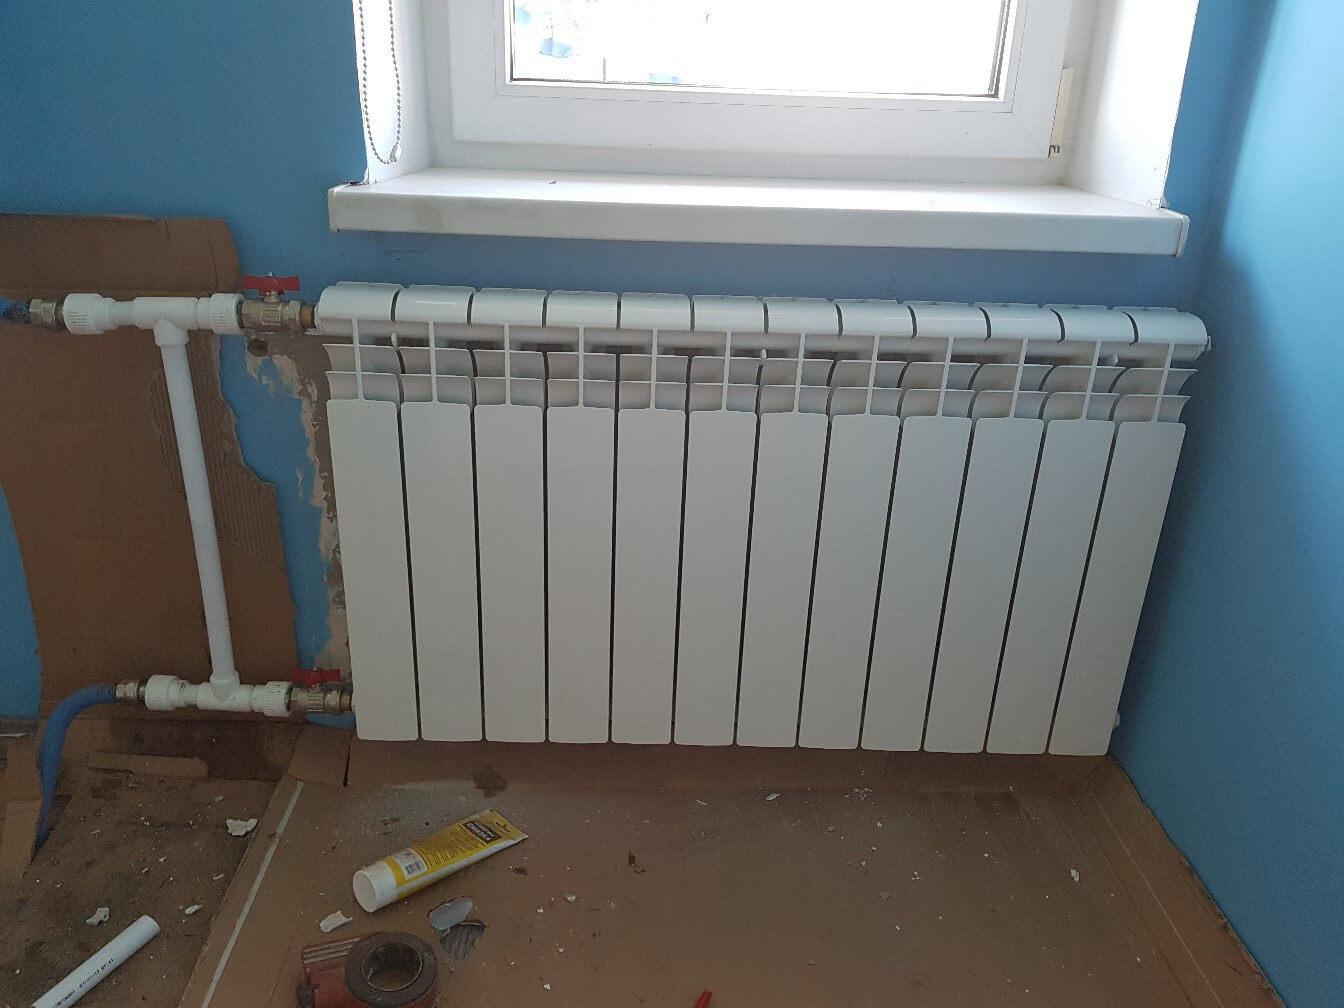 20182502-zamena-radiatora-otopleniya-1.jpg